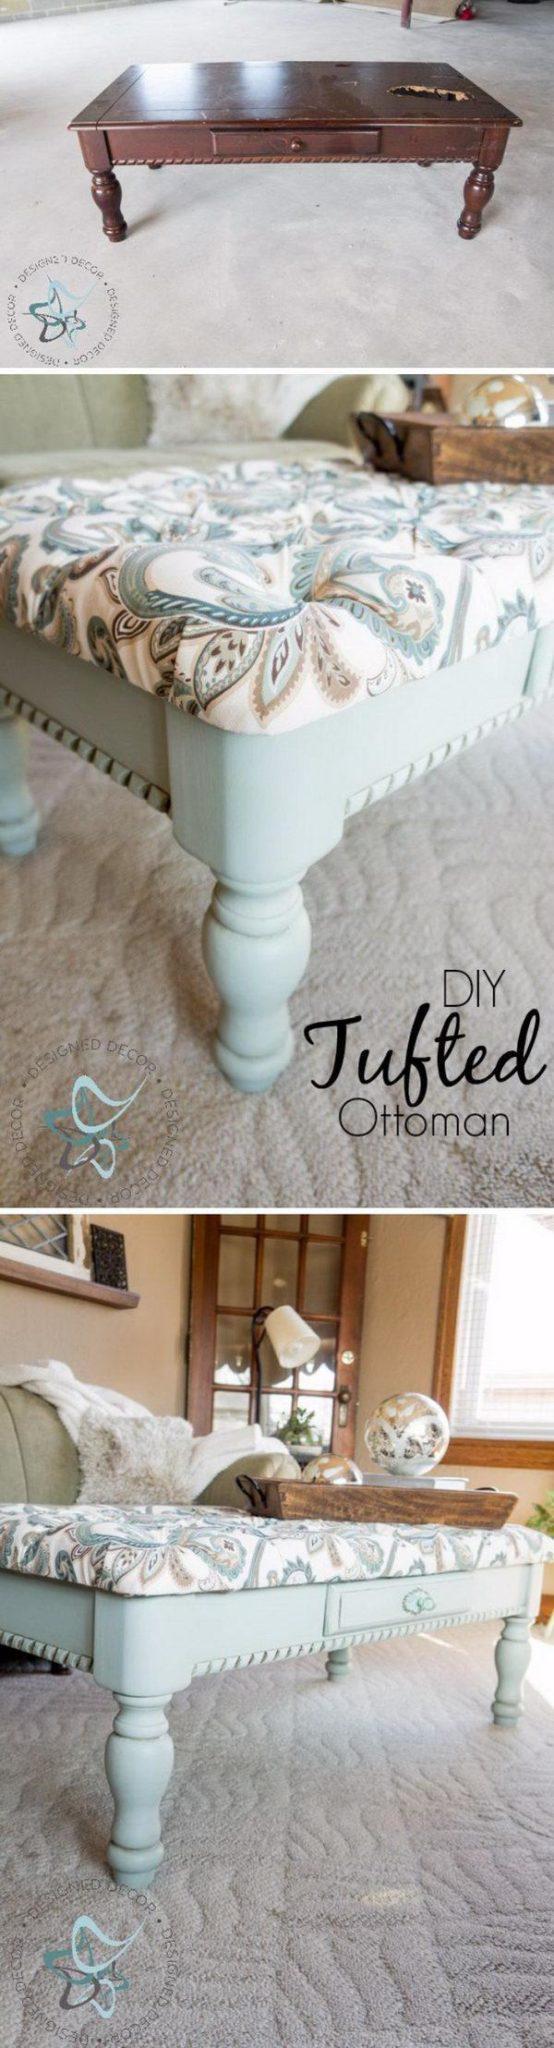 Удивительные идеи создания мебели из старья